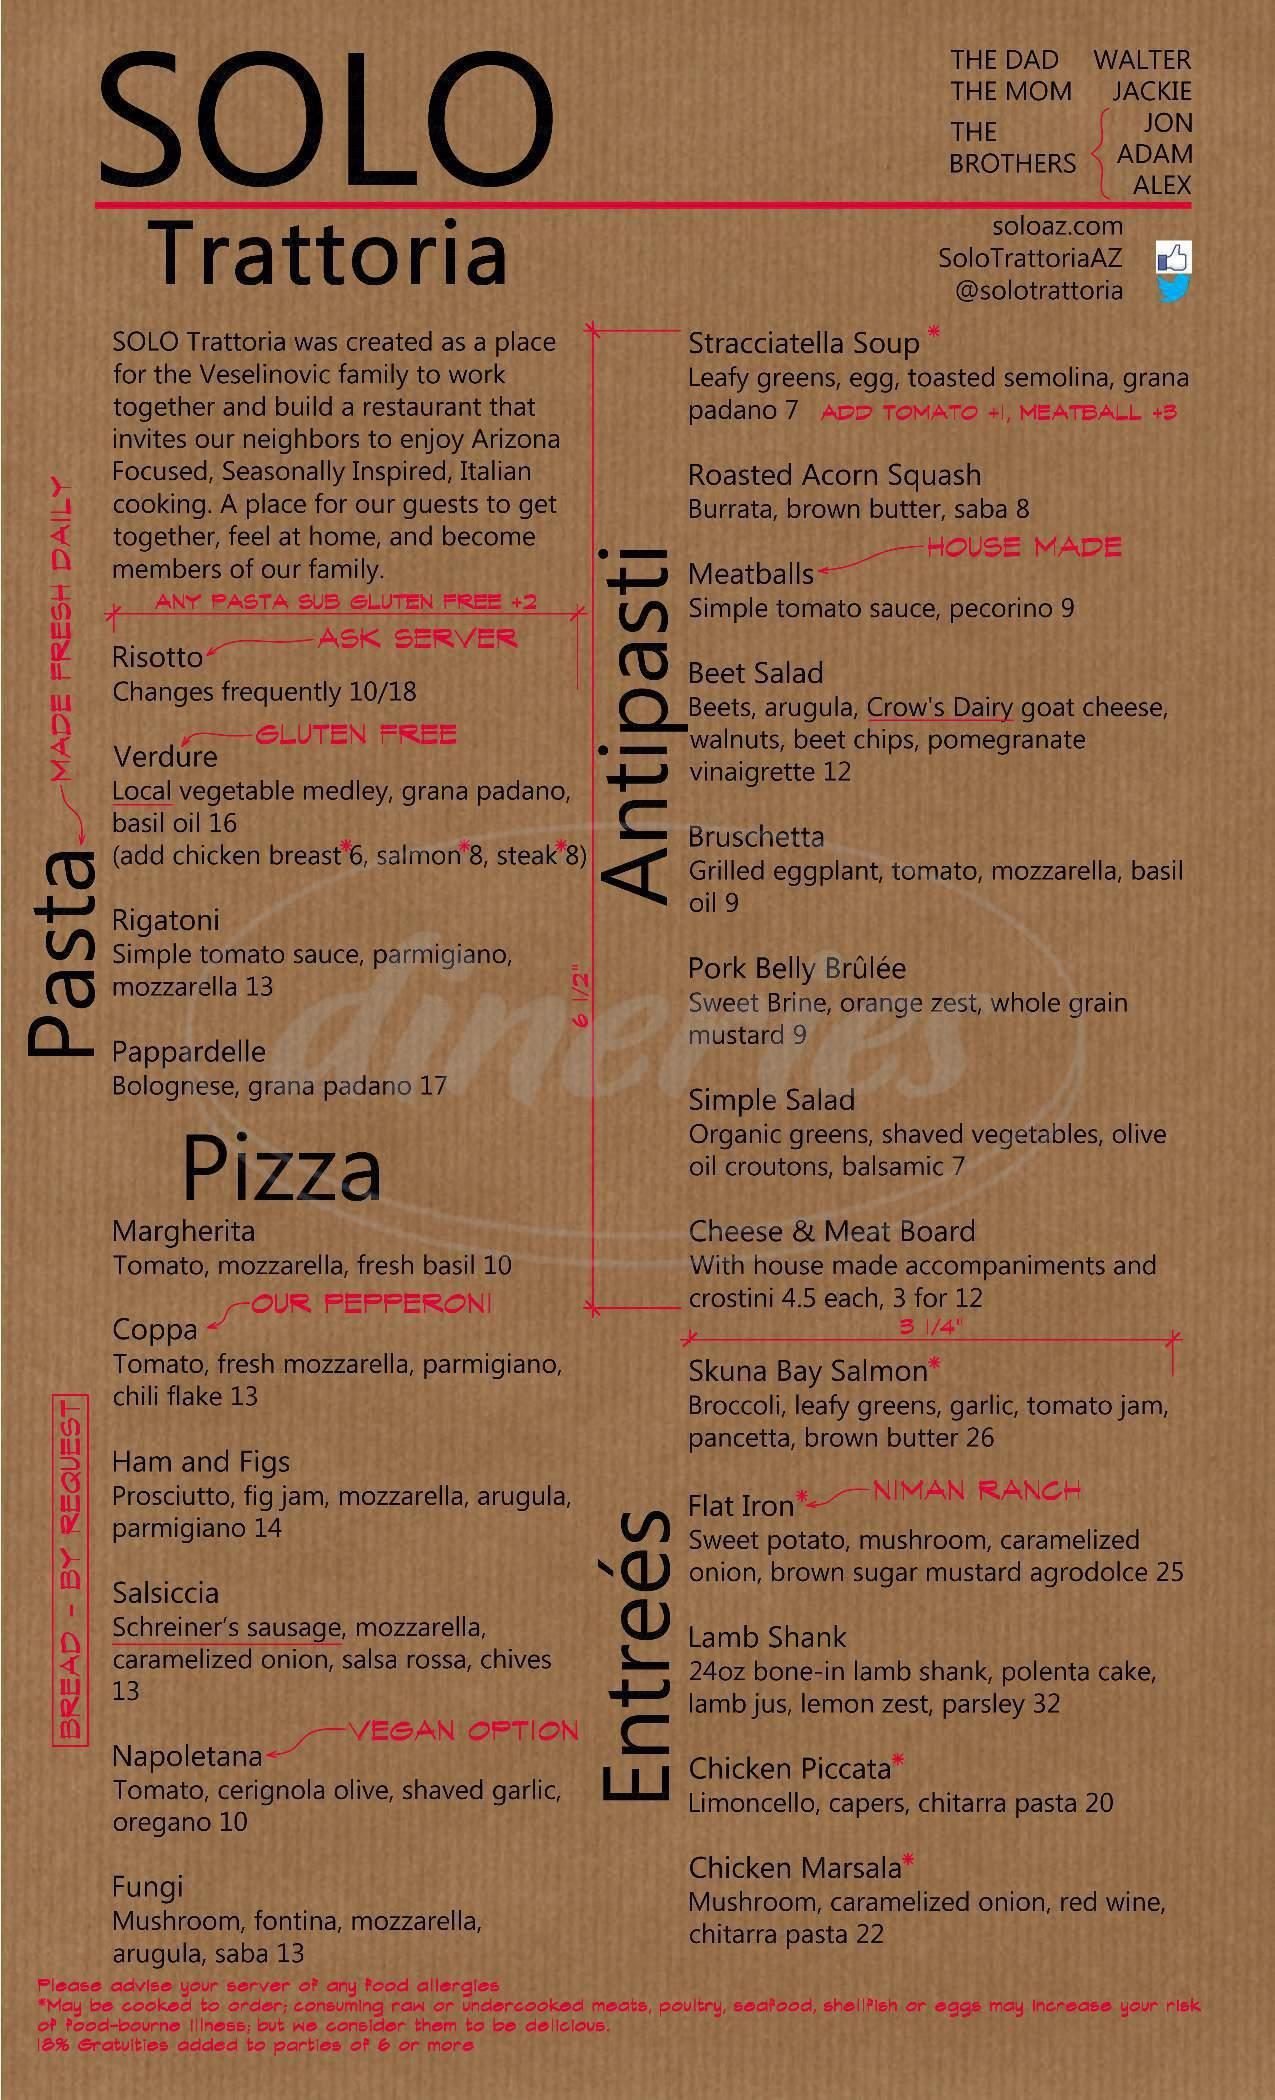 menu for SOLO Trattoria